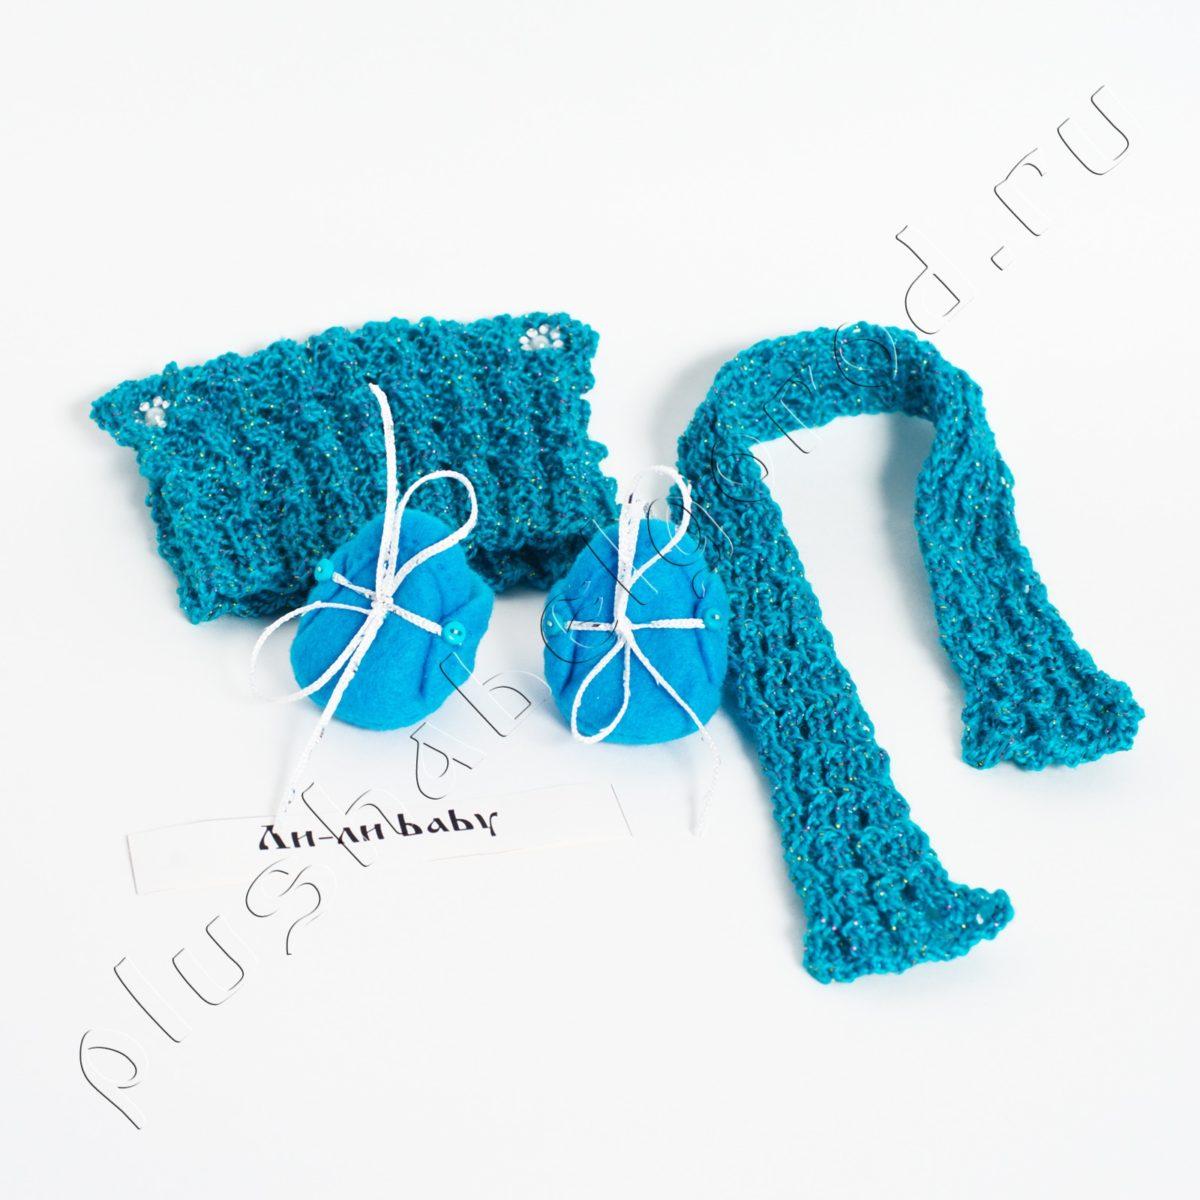 Акция! Вместо 550₽. Шапка, шарф и обувь